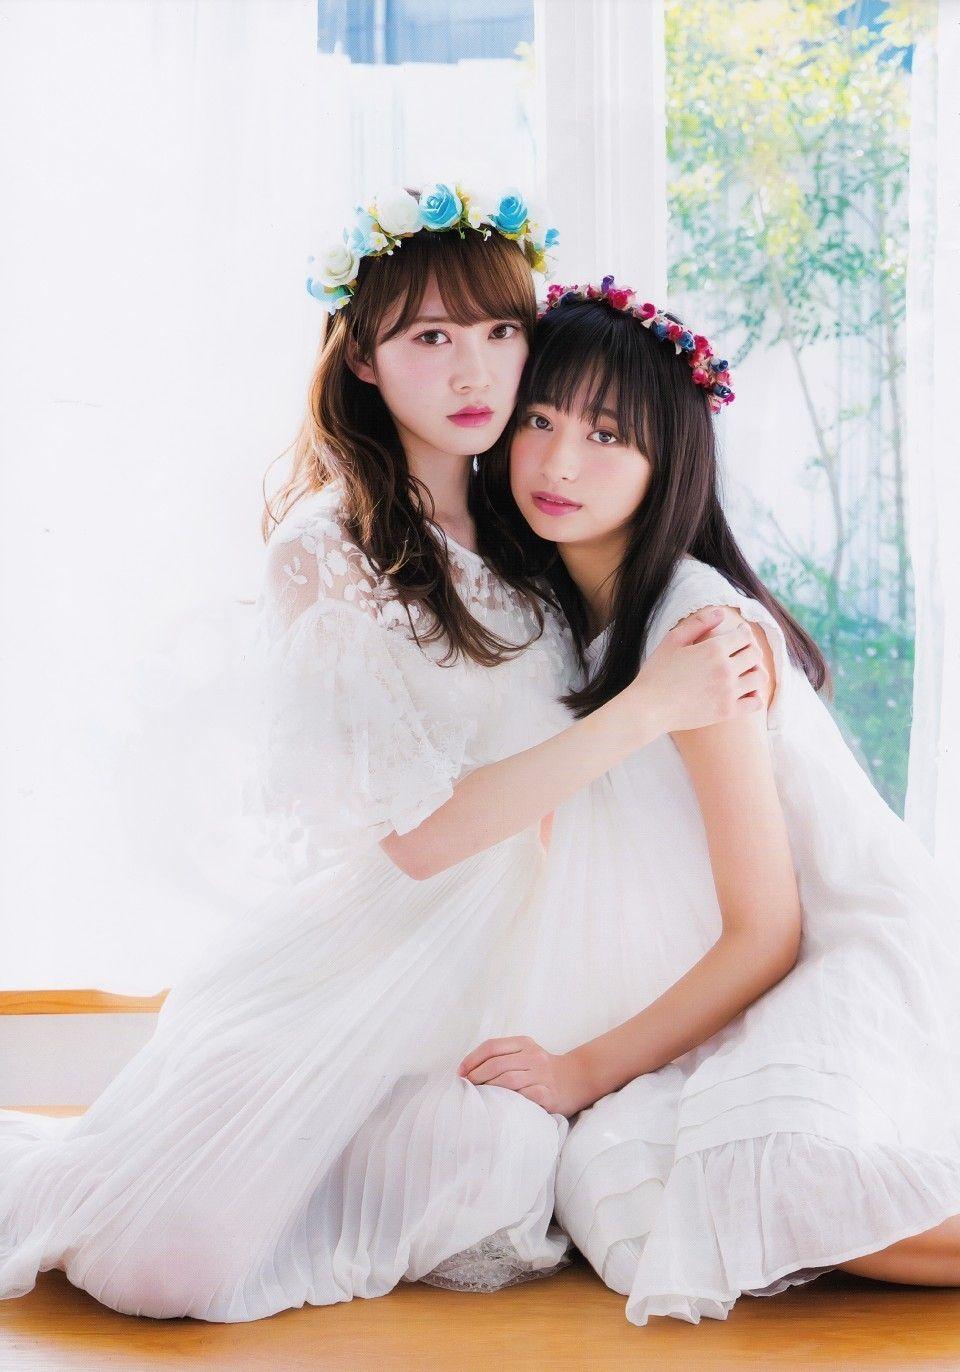 AKB48岡田奈々ちゃん・村山彩希ちゃんの『BOMB! 2019年11月号』水着